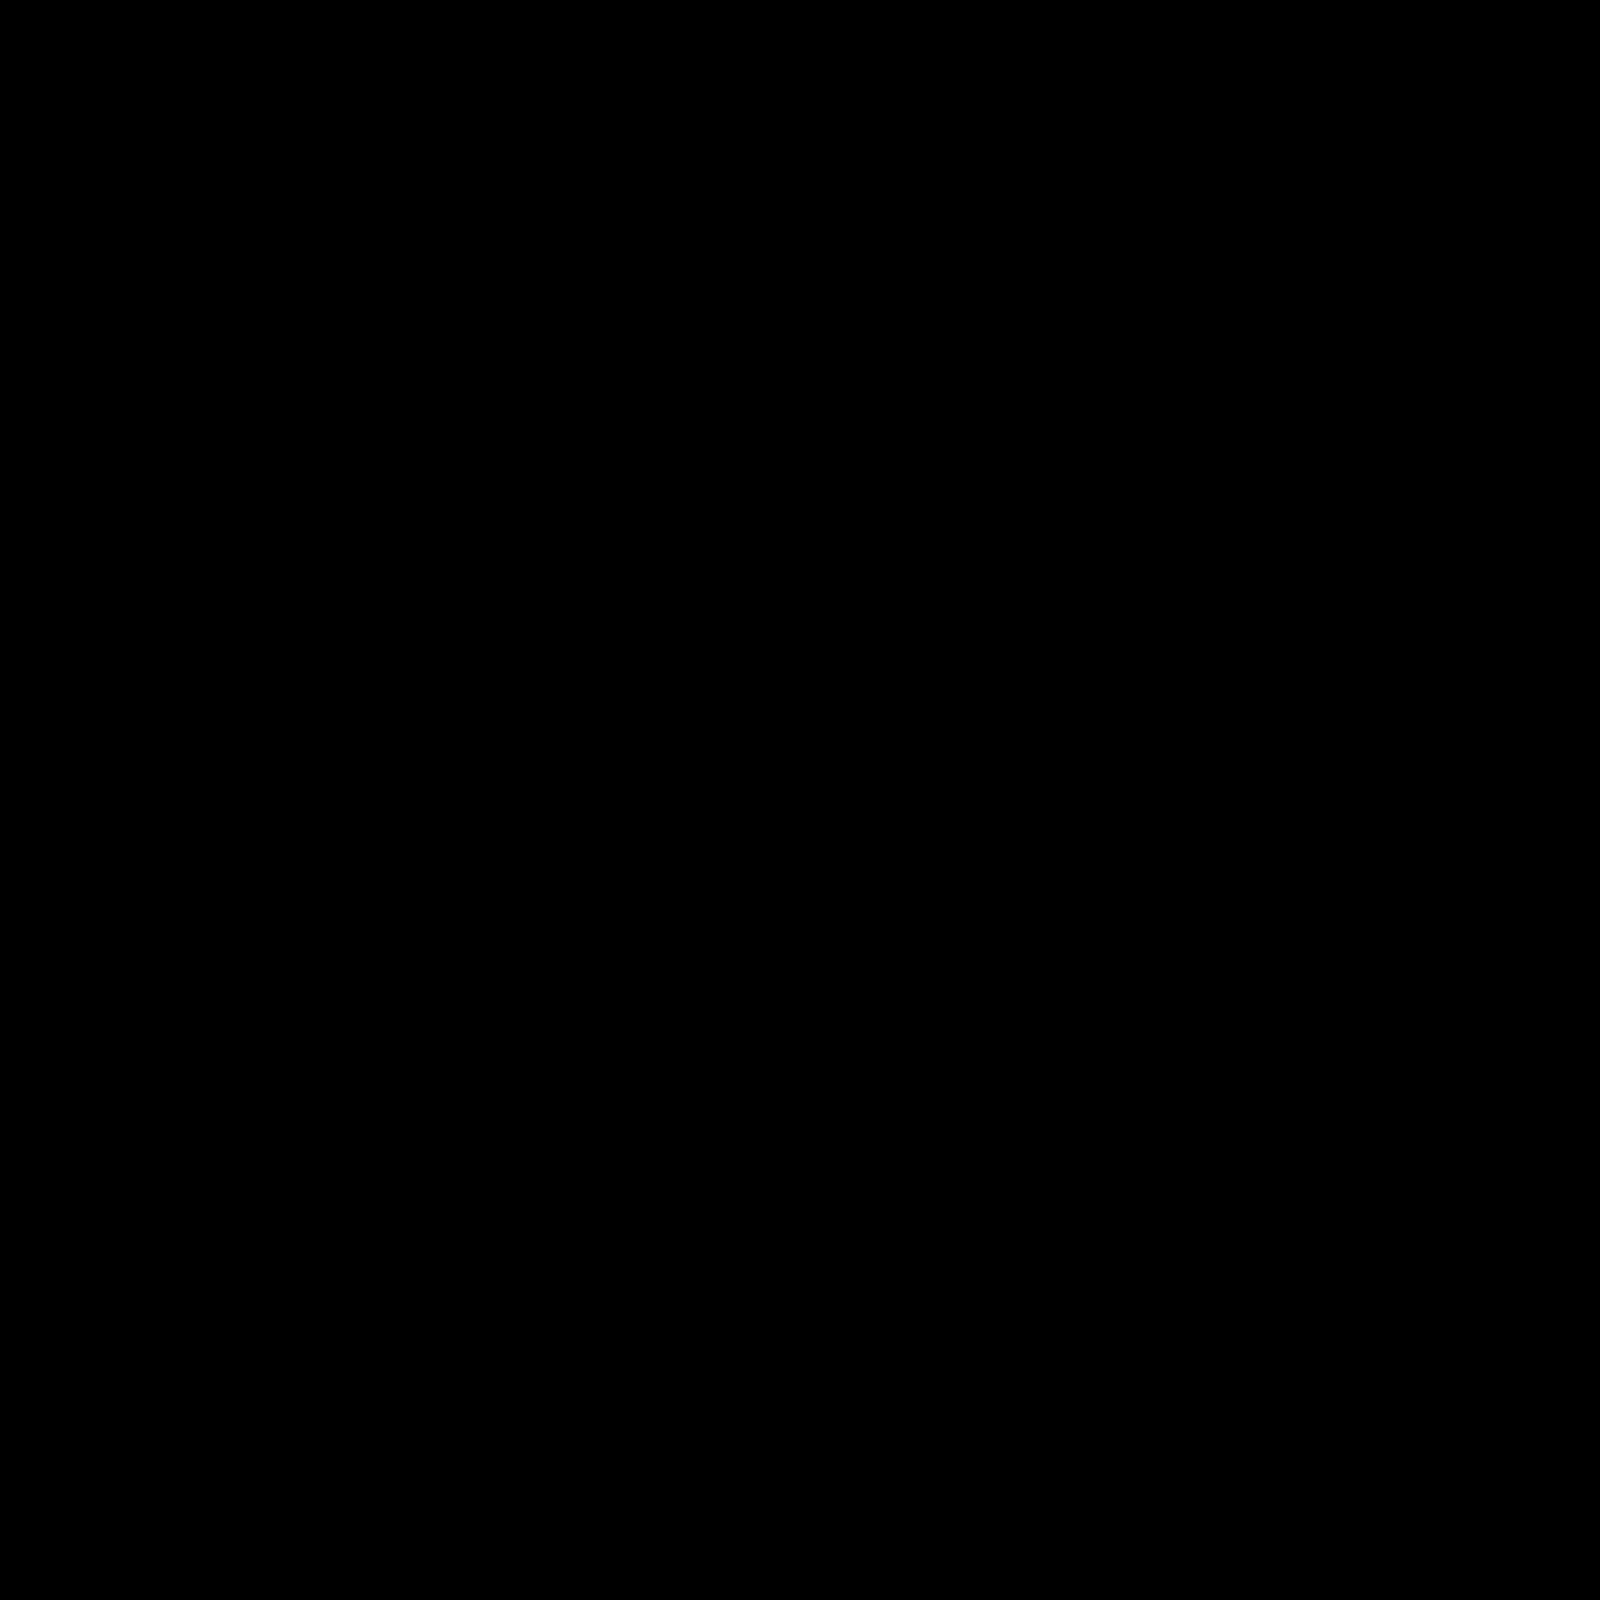 jpg black and white library Vector 1. Calendar icono descarga gratuita